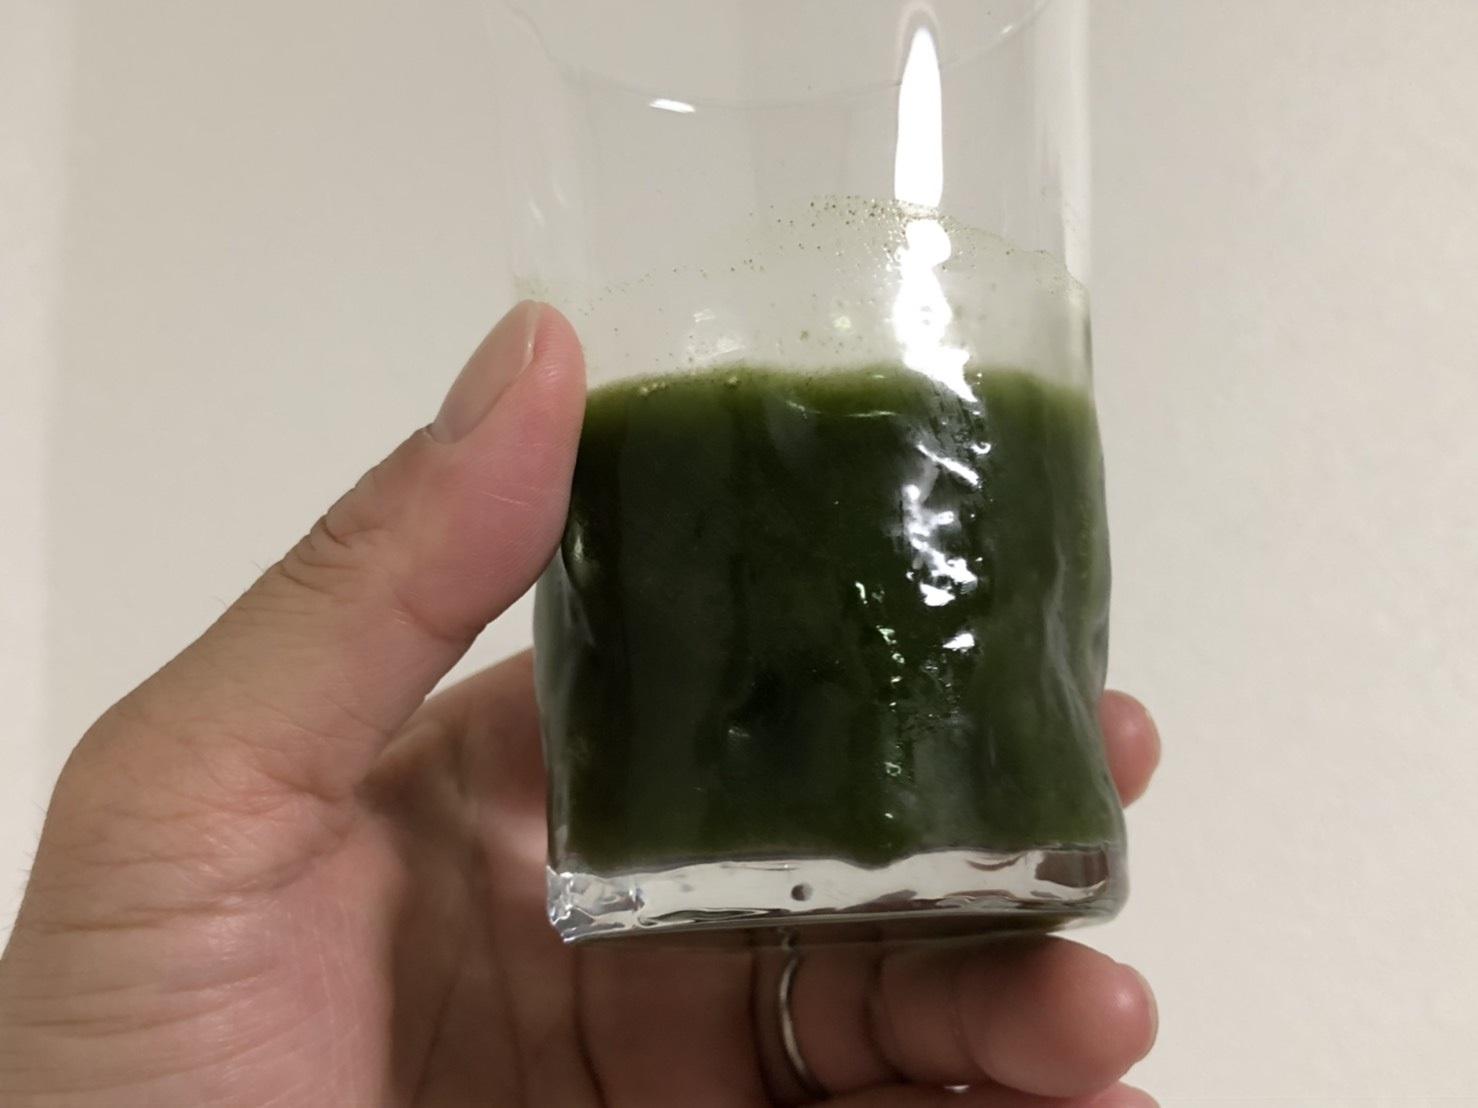 モリンガ青汁を水に溶かしたところ